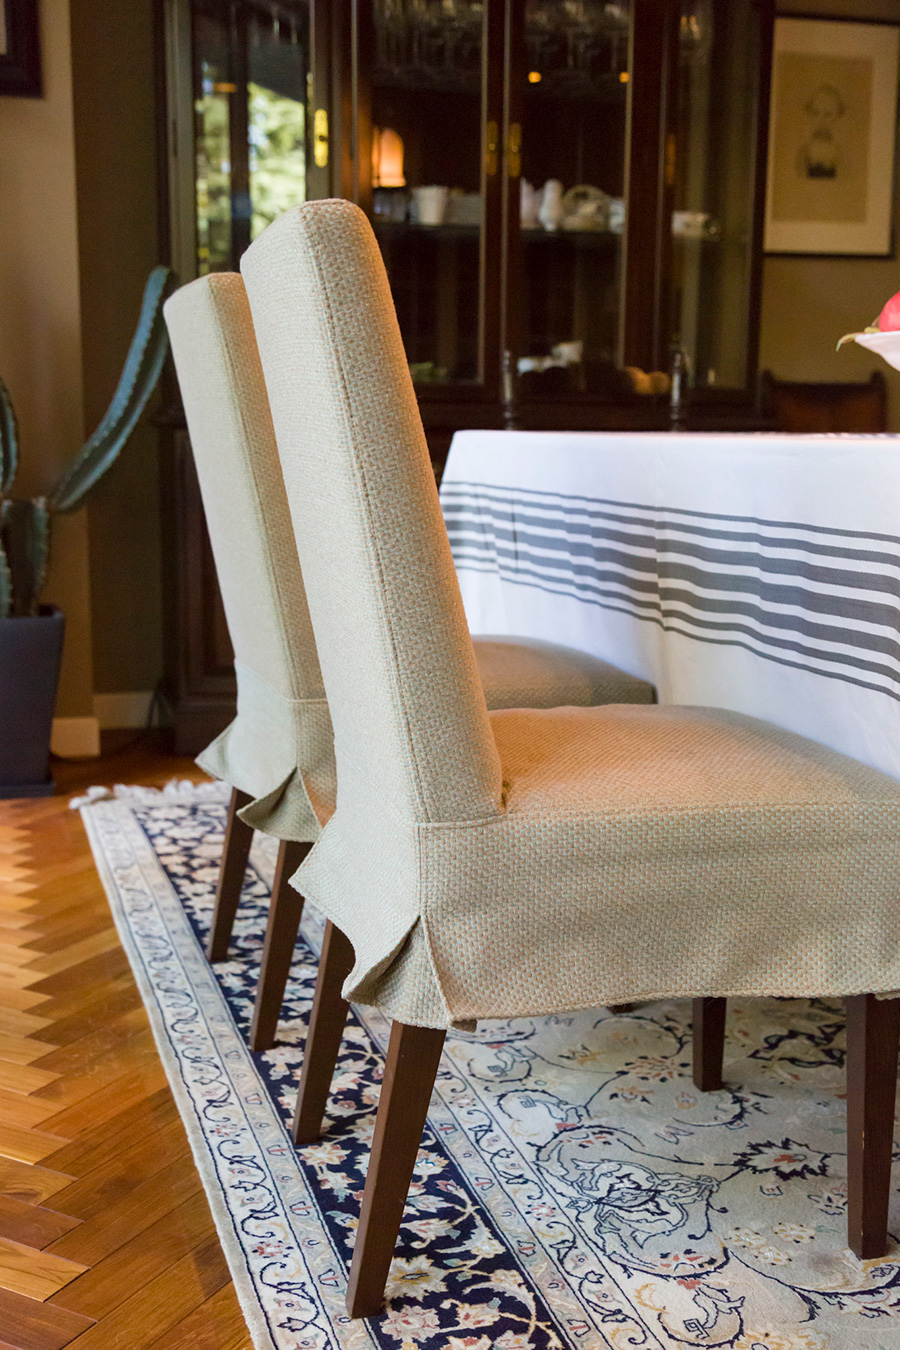 プリーツスカートのようなデザインが可愛い。椅子の張替えも、リフォームを手がけた駒沢の『GECKO』によるもの。